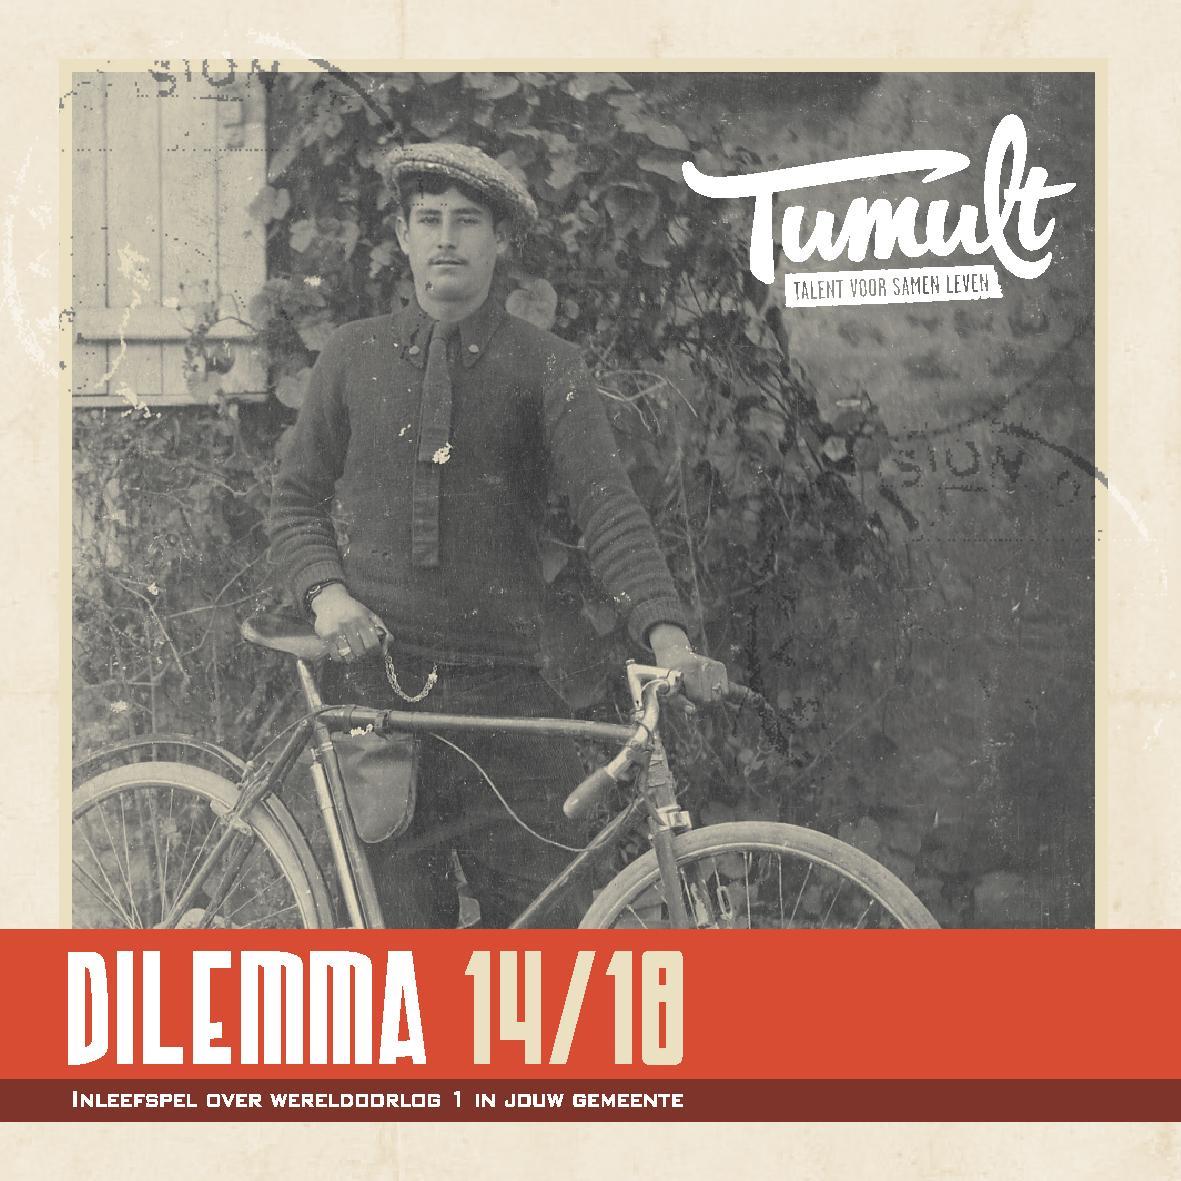 Dilemma 14/18, inleefspel over WOI